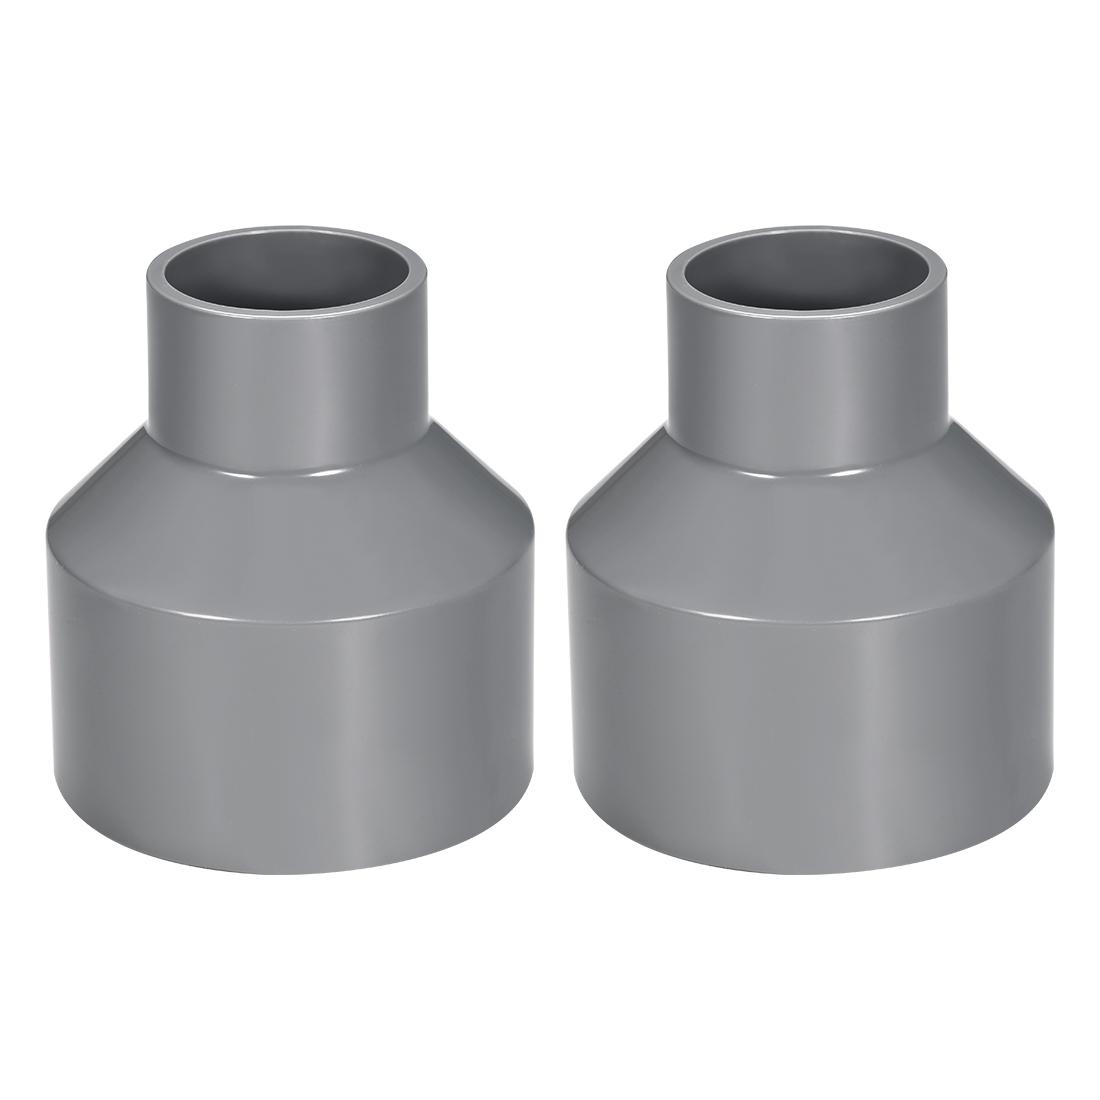 75mm x 40mm PVC Reducing Coupling Hub by Hub, DWV Pipe Fitting, Gray 2Pcs